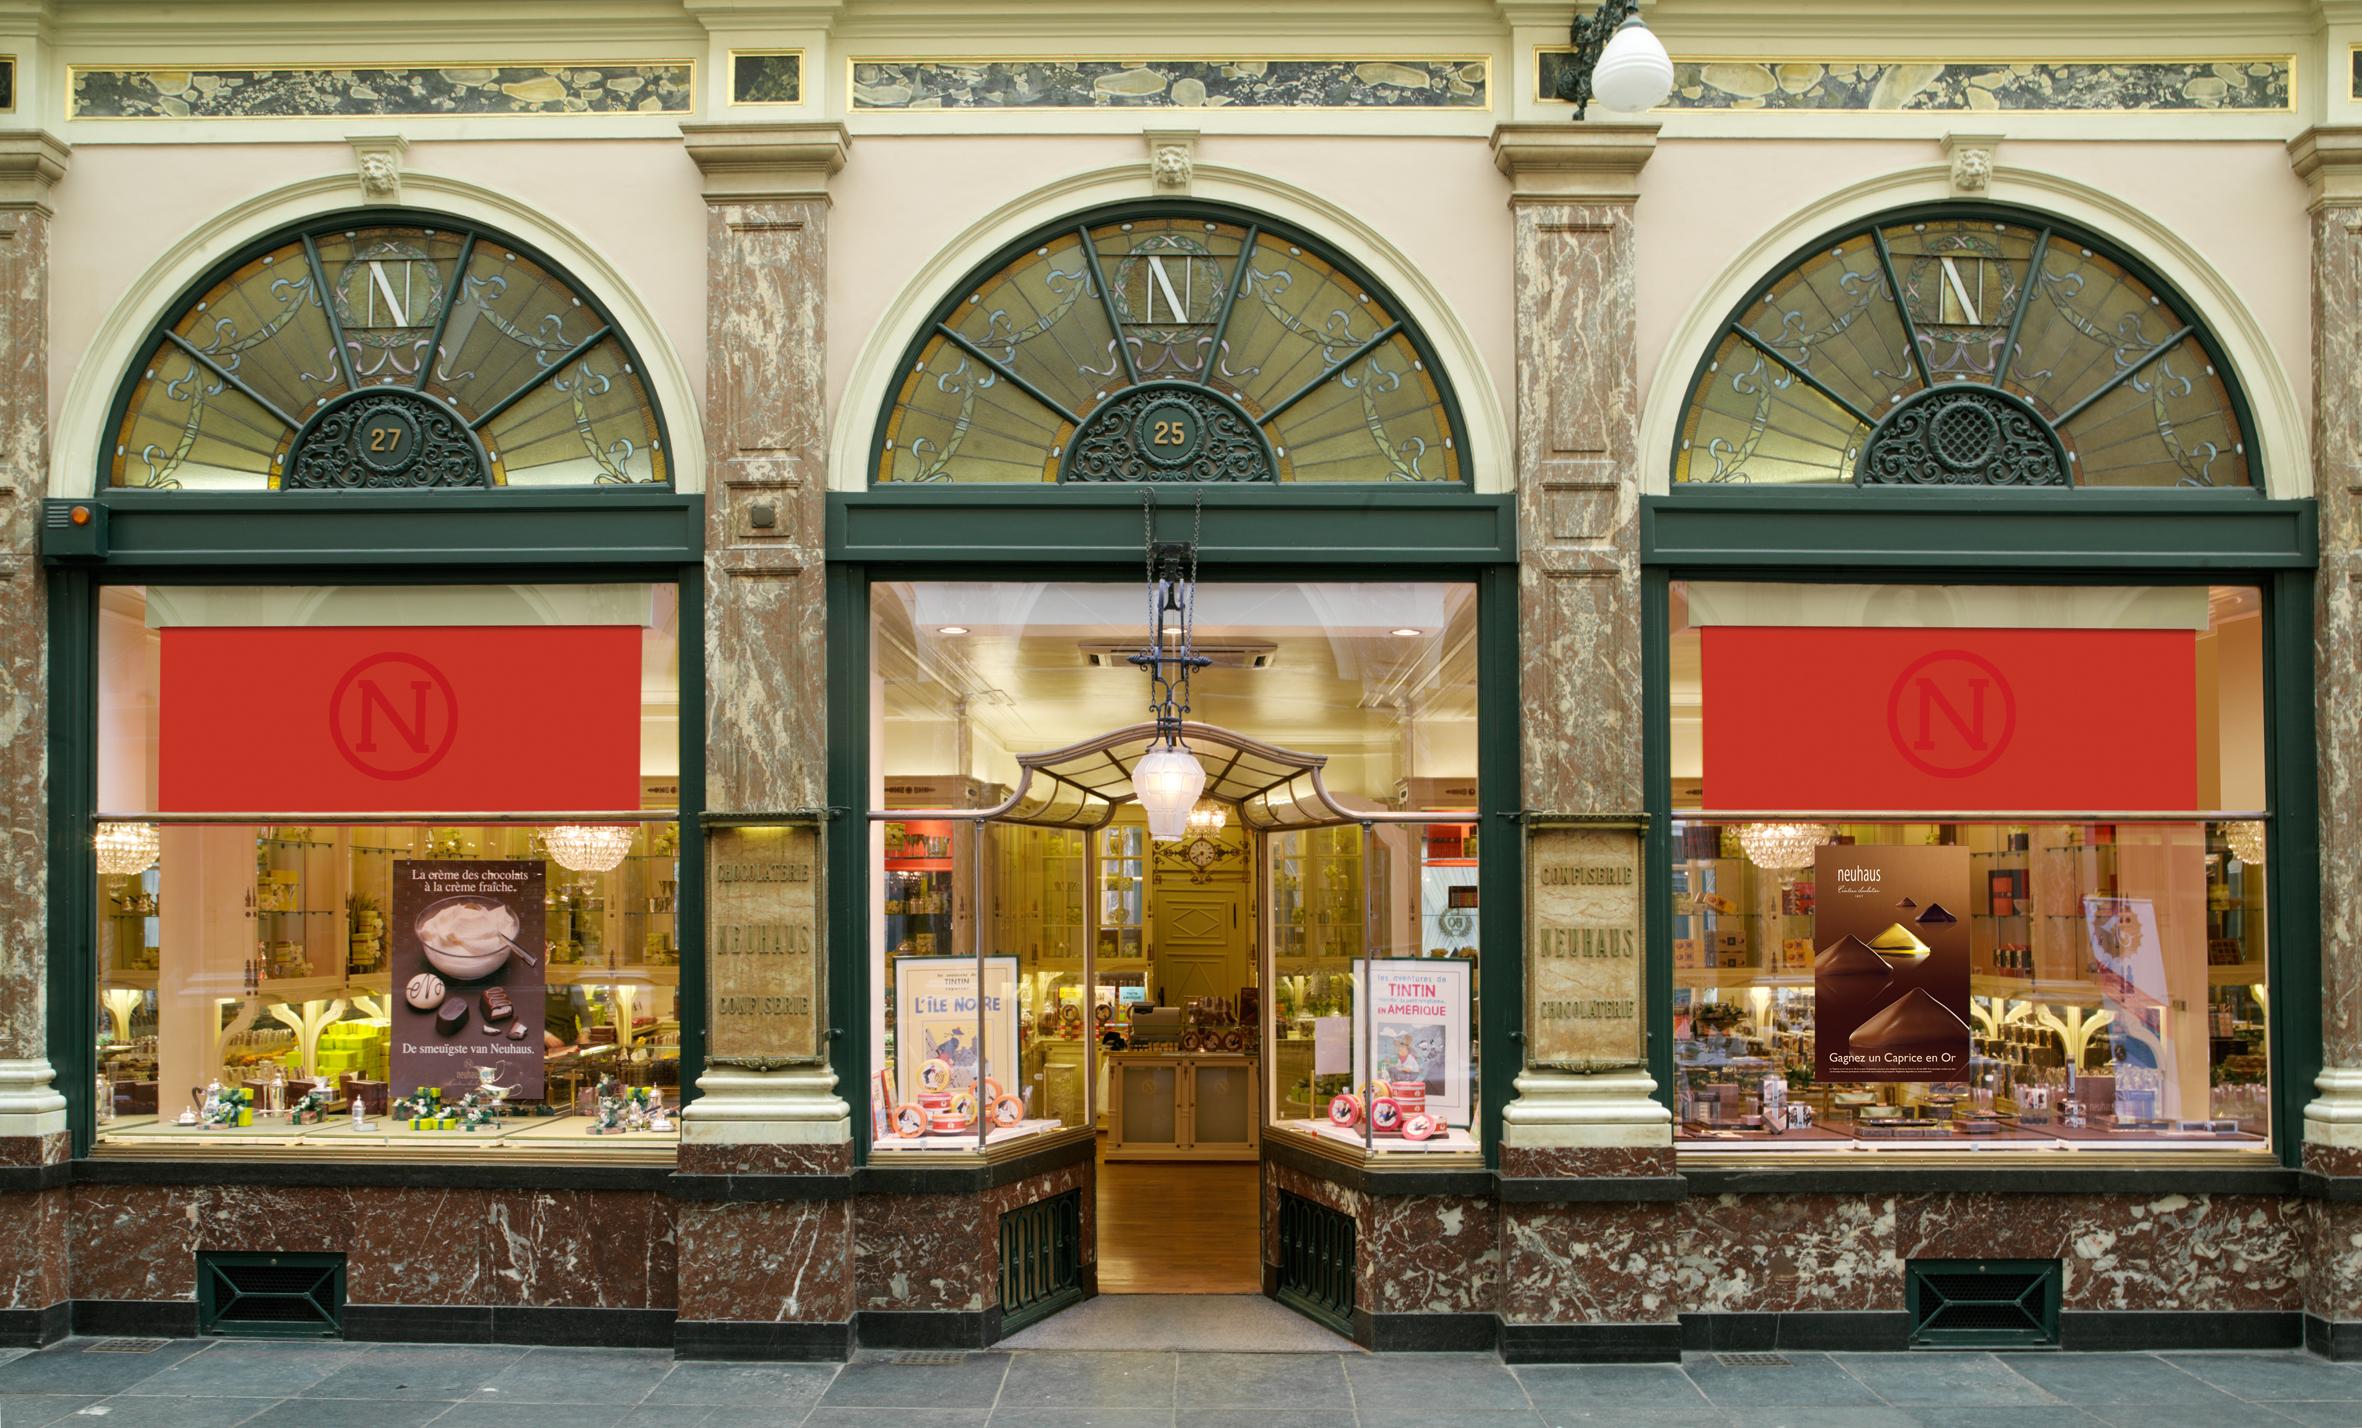 Neuhaus (chocolatier) - Wikipedia